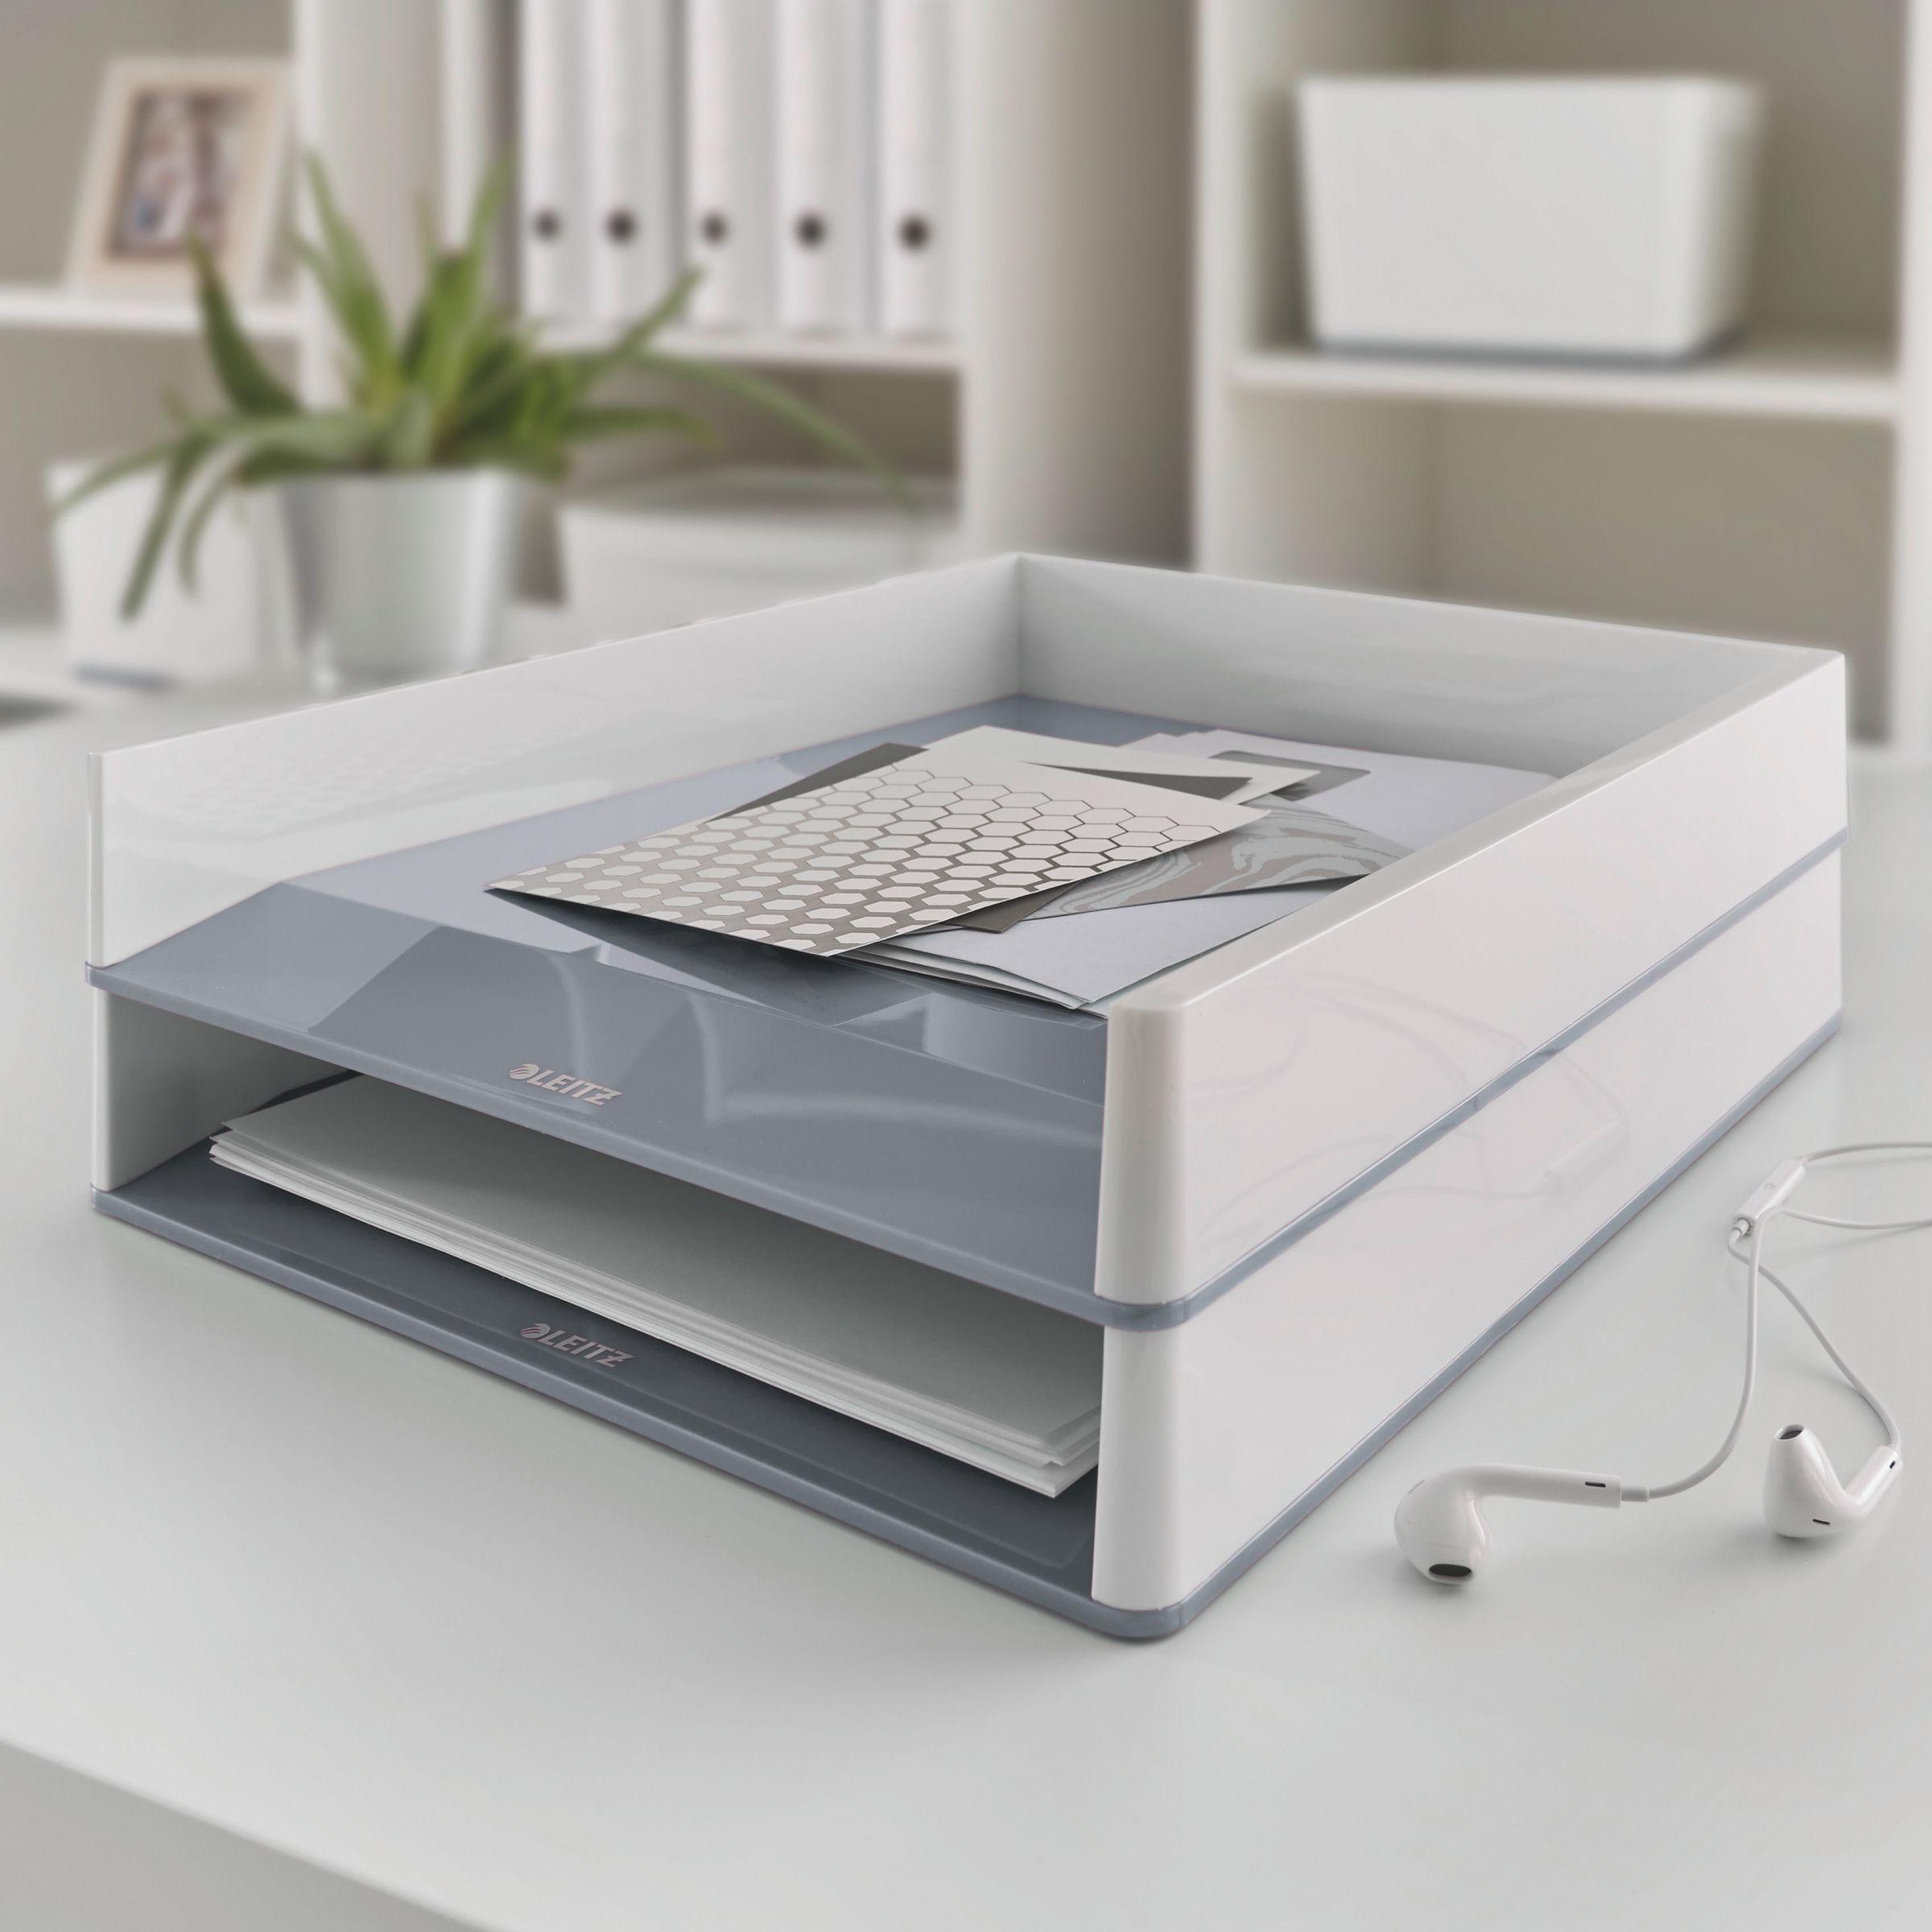 Лоток горизонтальный Wow Duo Colour, белый LEITZ - фото 4